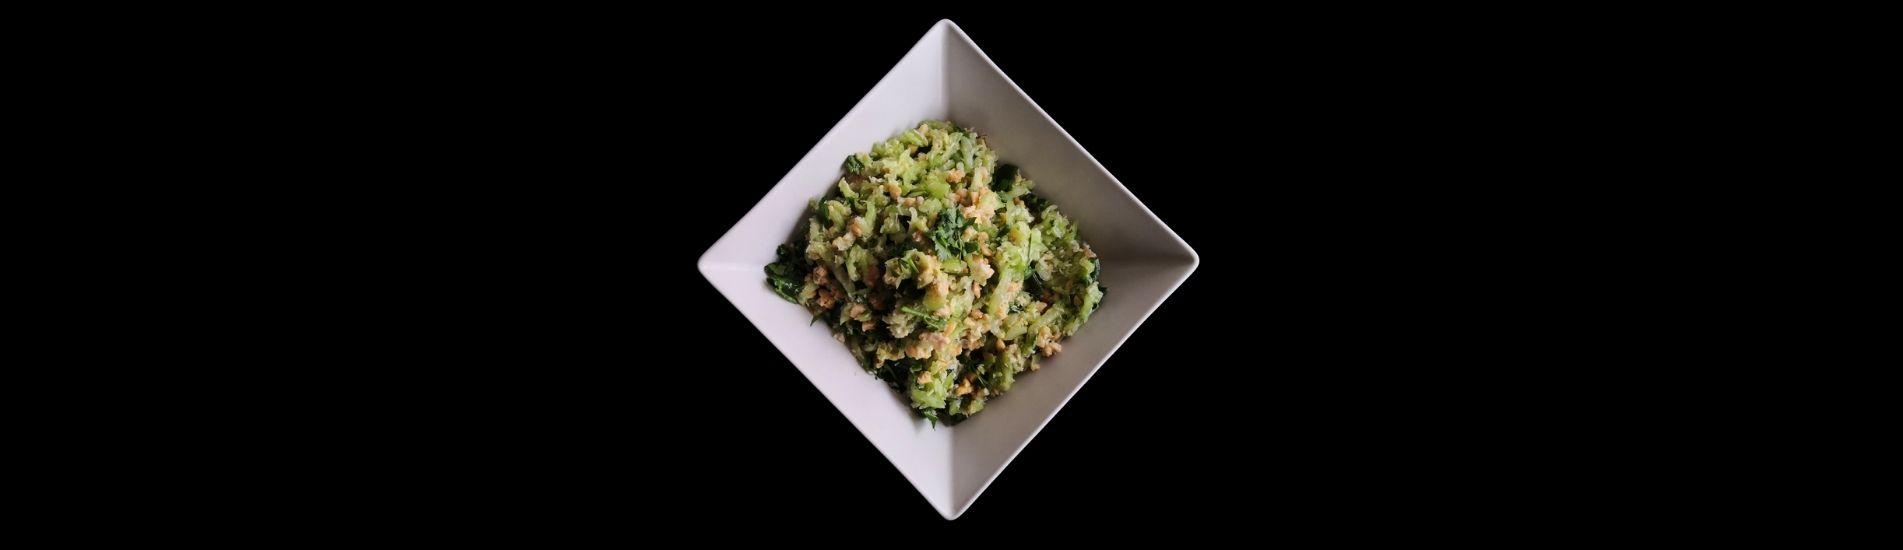 Receta de ensalada de pepino, cacahuetes y coco (Khamang Kakdi)